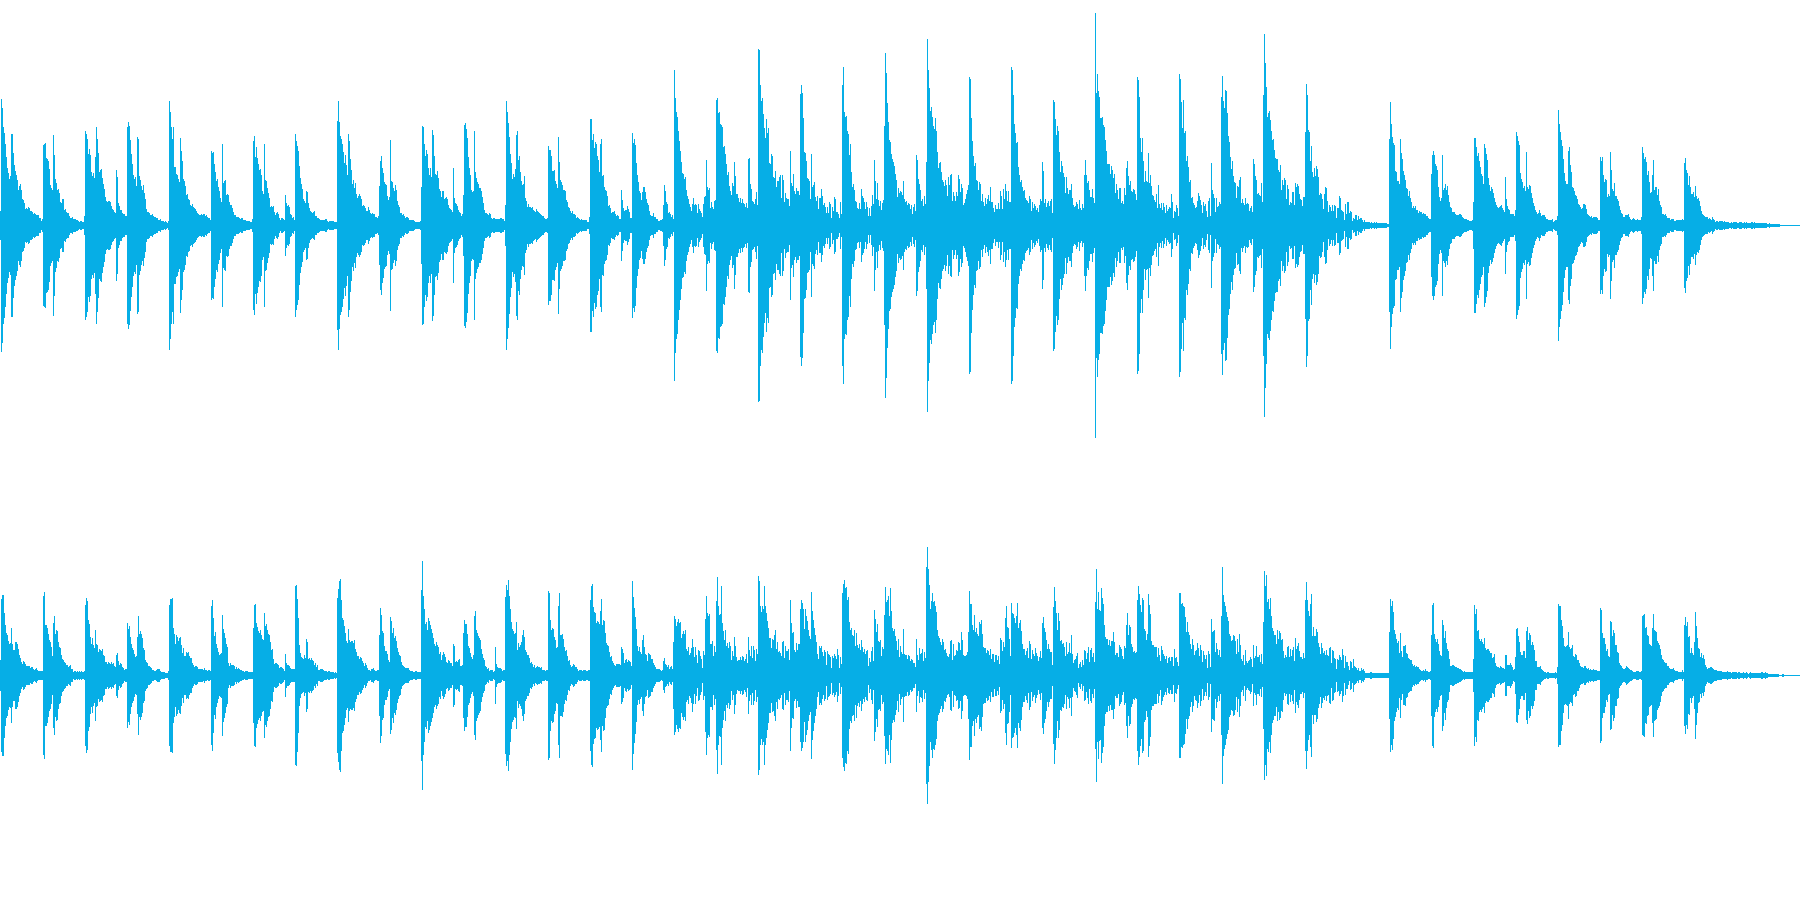 【ストリングス抜き】静かで沁みるコーポレの再生済みの波形